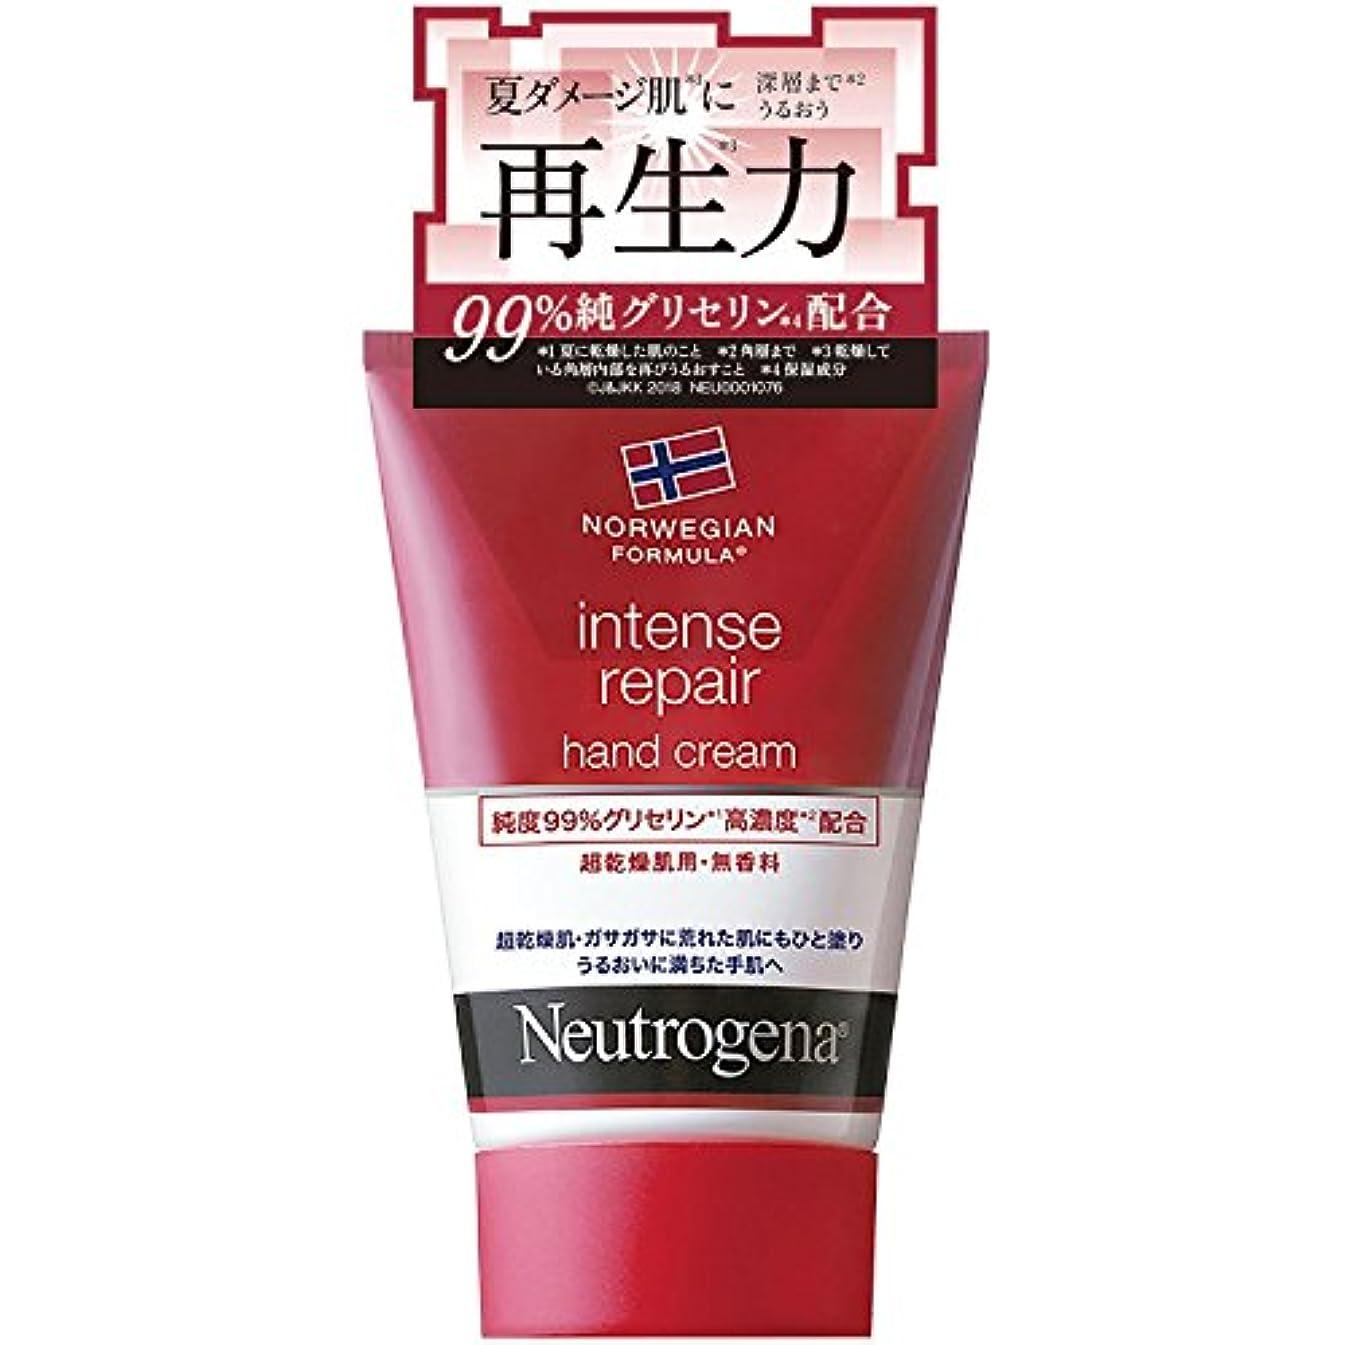 付与スティーブンソン来てNeutrogena(ニュートロジーナ) ノルウェーフォーミュラ インテンスリペア ハンドクリーム 超乾燥肌用 無香料 単品 50g